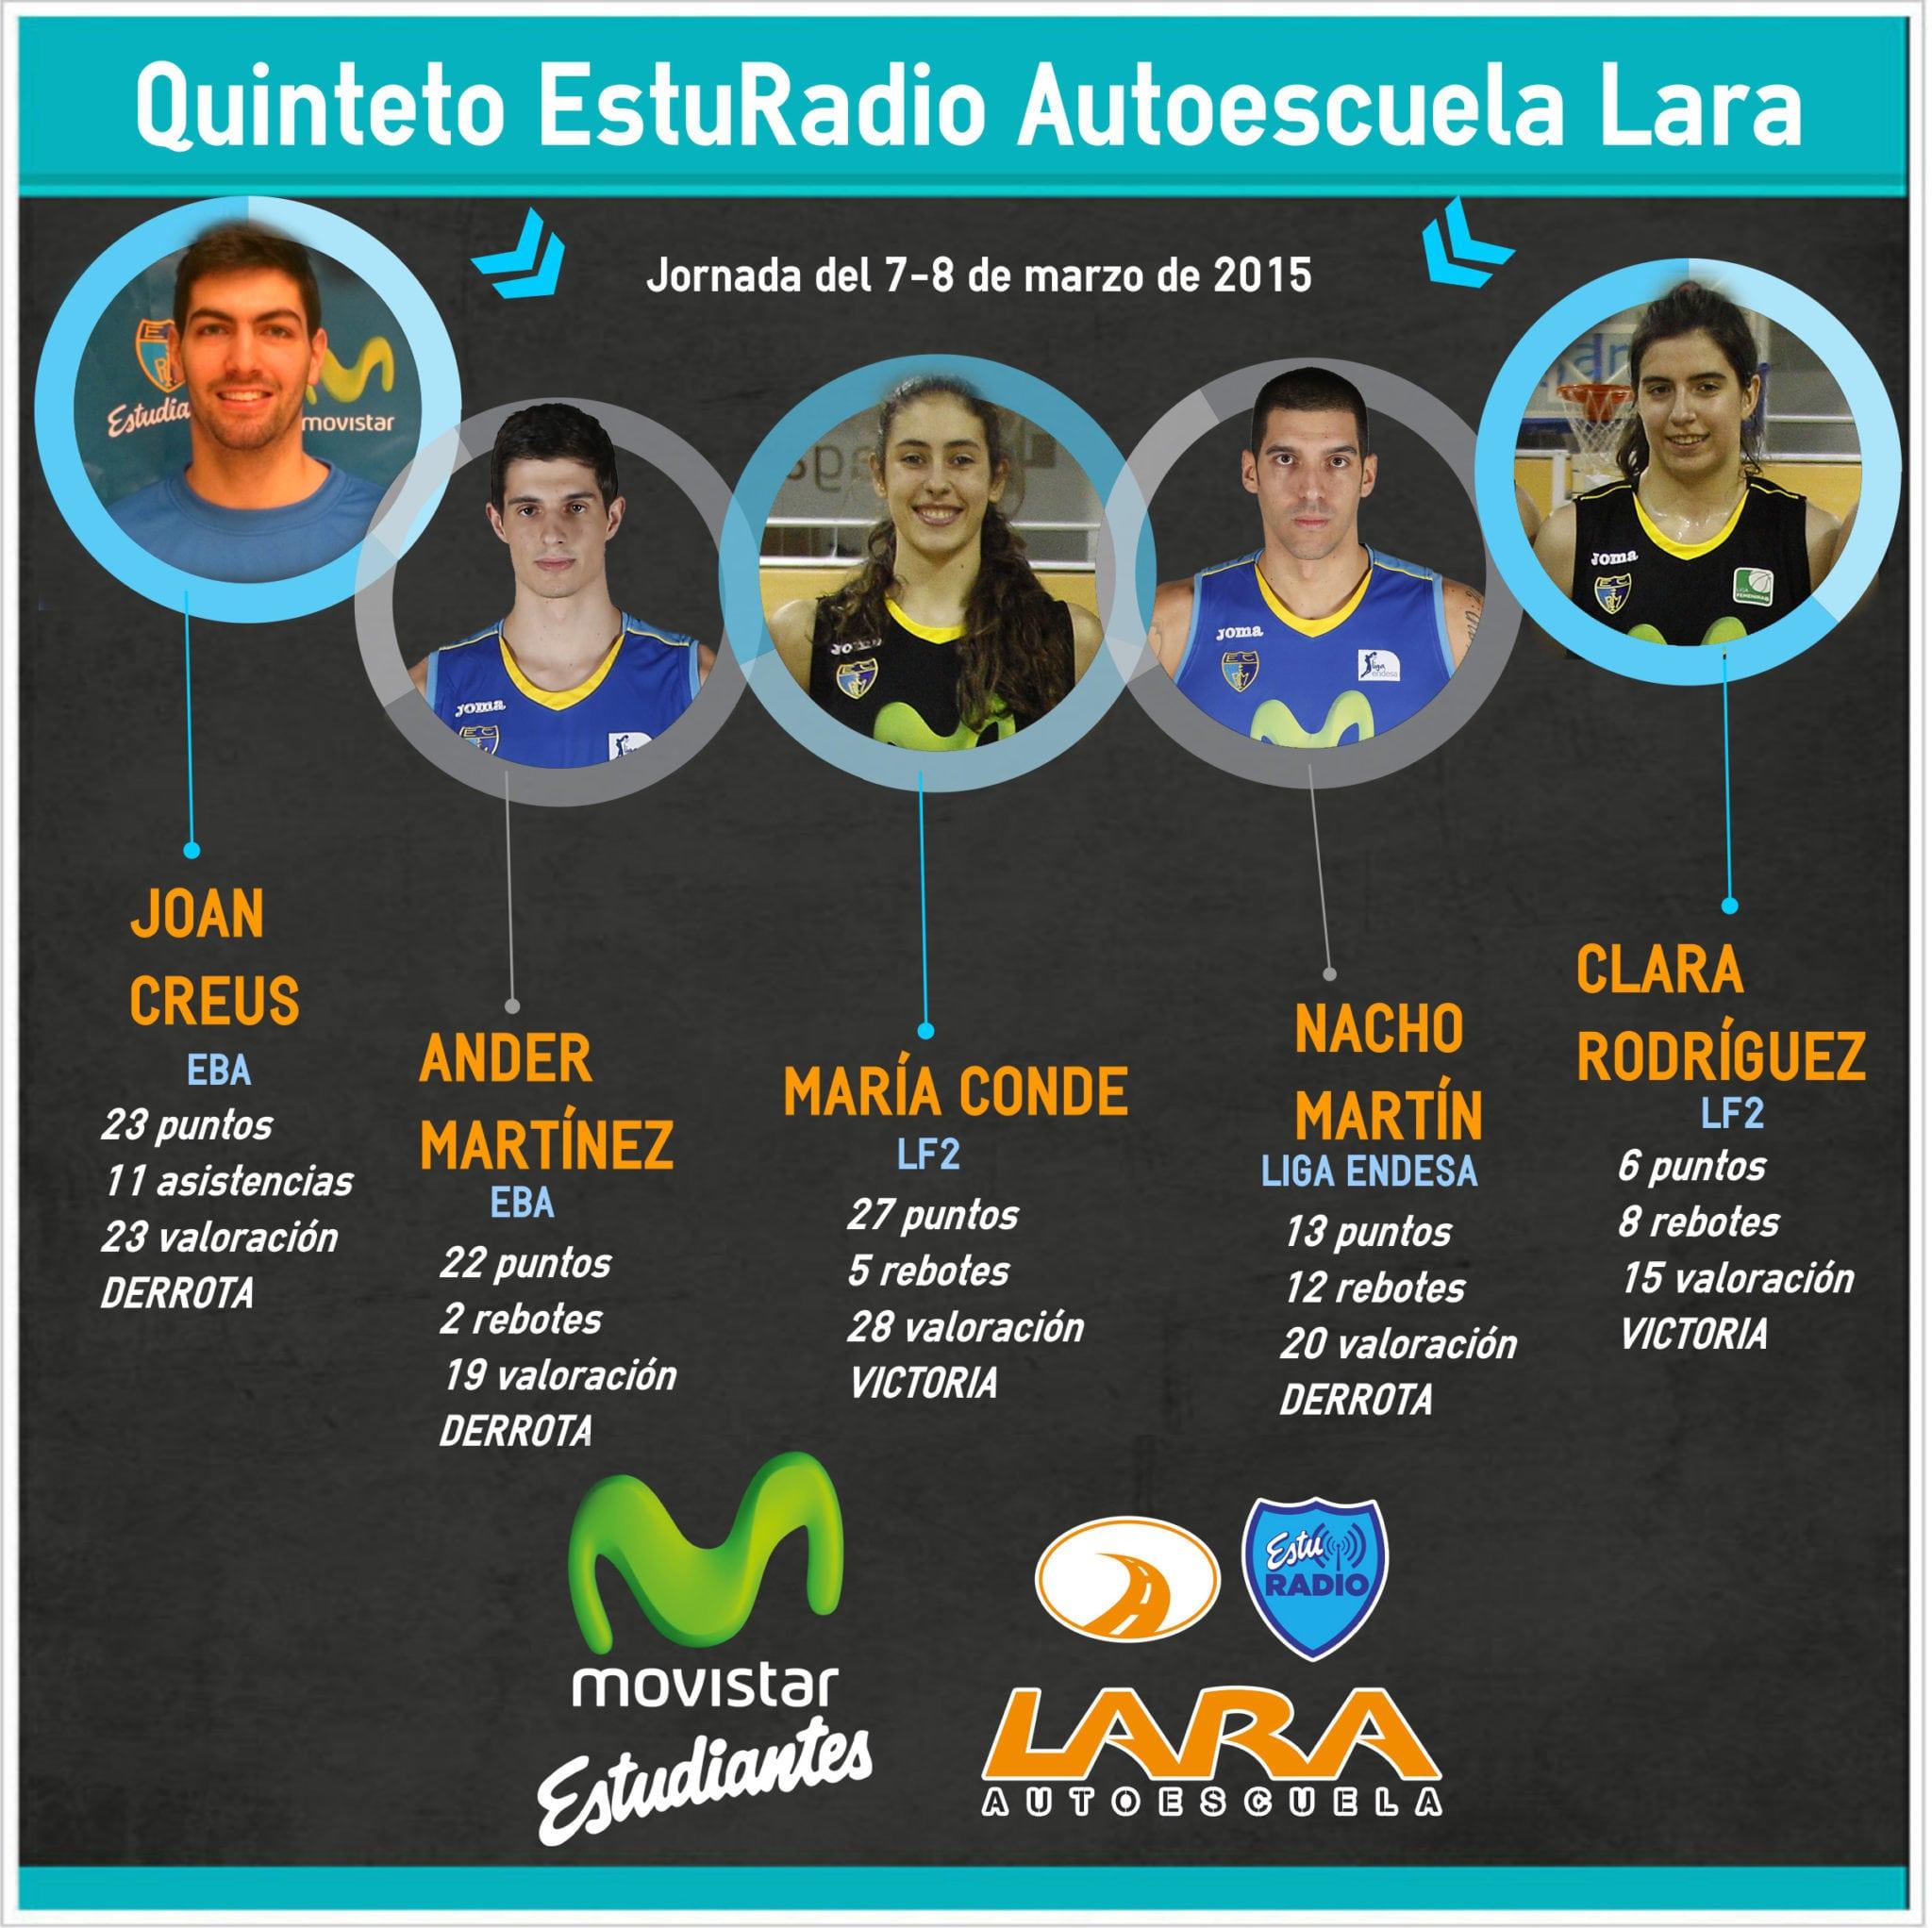 15º Quinteto Autoescuela Lara EstuRadio: Joan Creus, Ander Martínez, María Conde, Nacho Martín y Clara Rodríguez